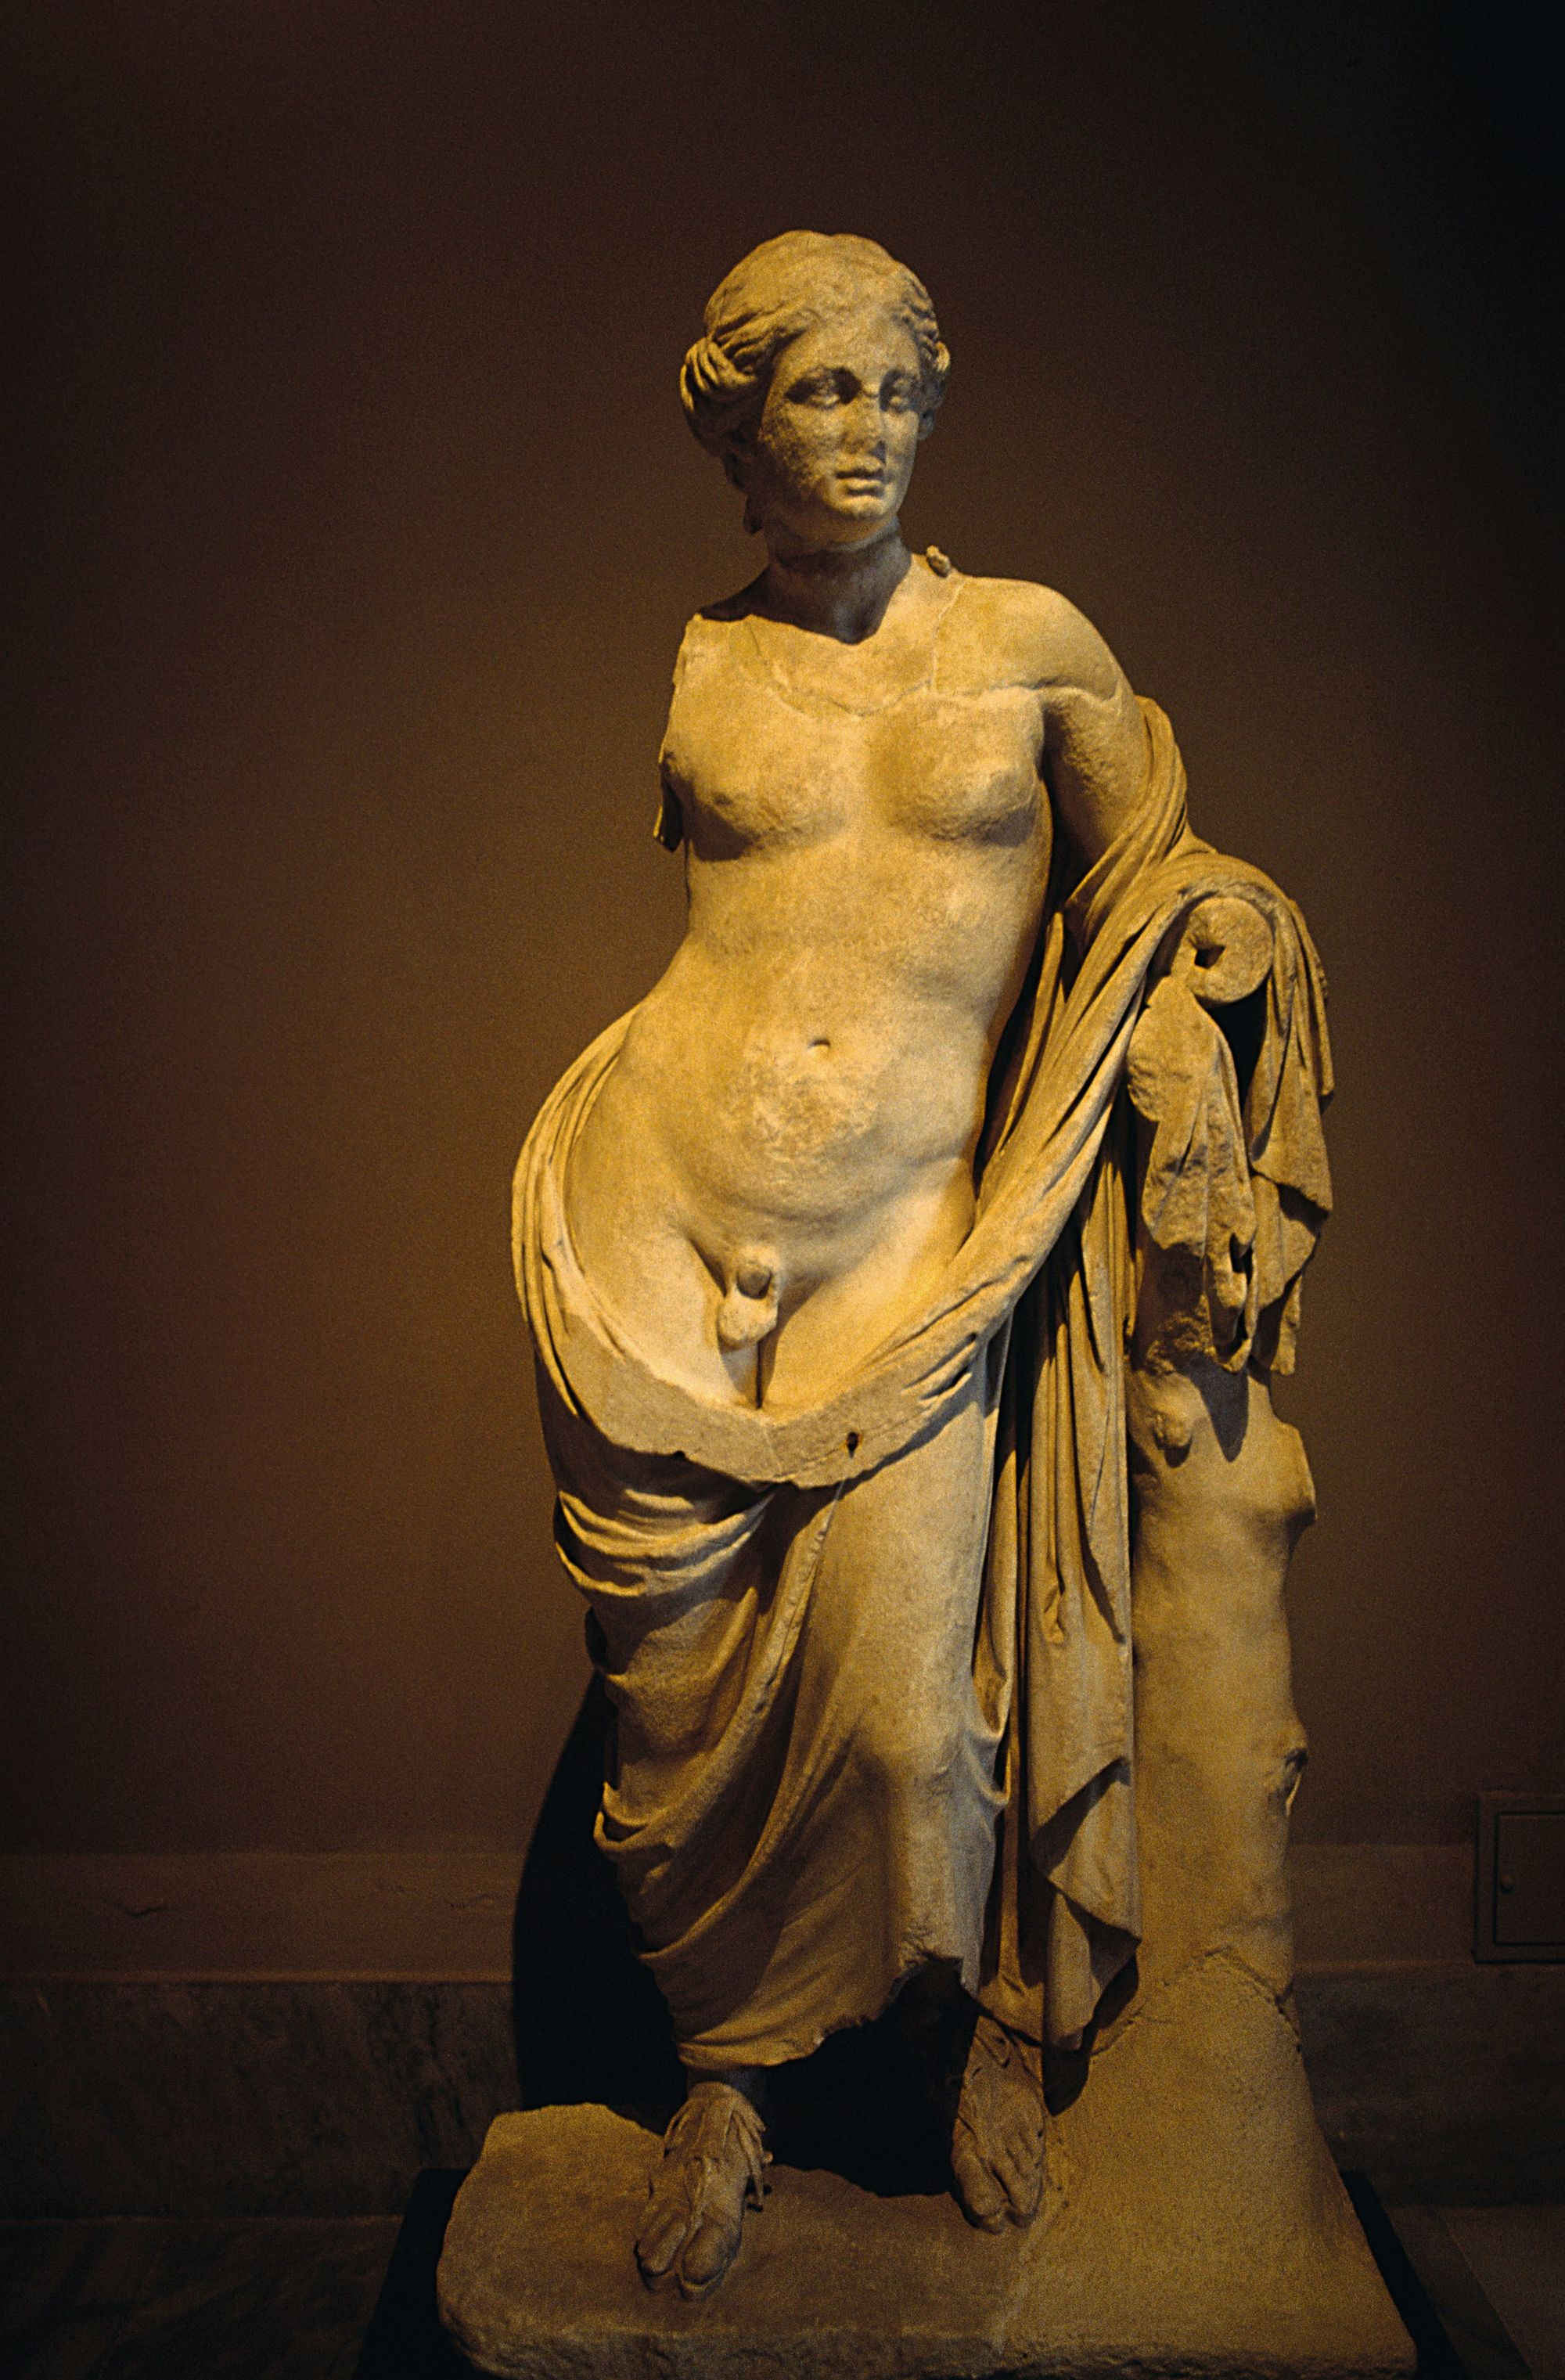 Statue d'hermaphrodite du musée archéologique d'Istanbul (IIIe siècle avant J.-C., Turquie).